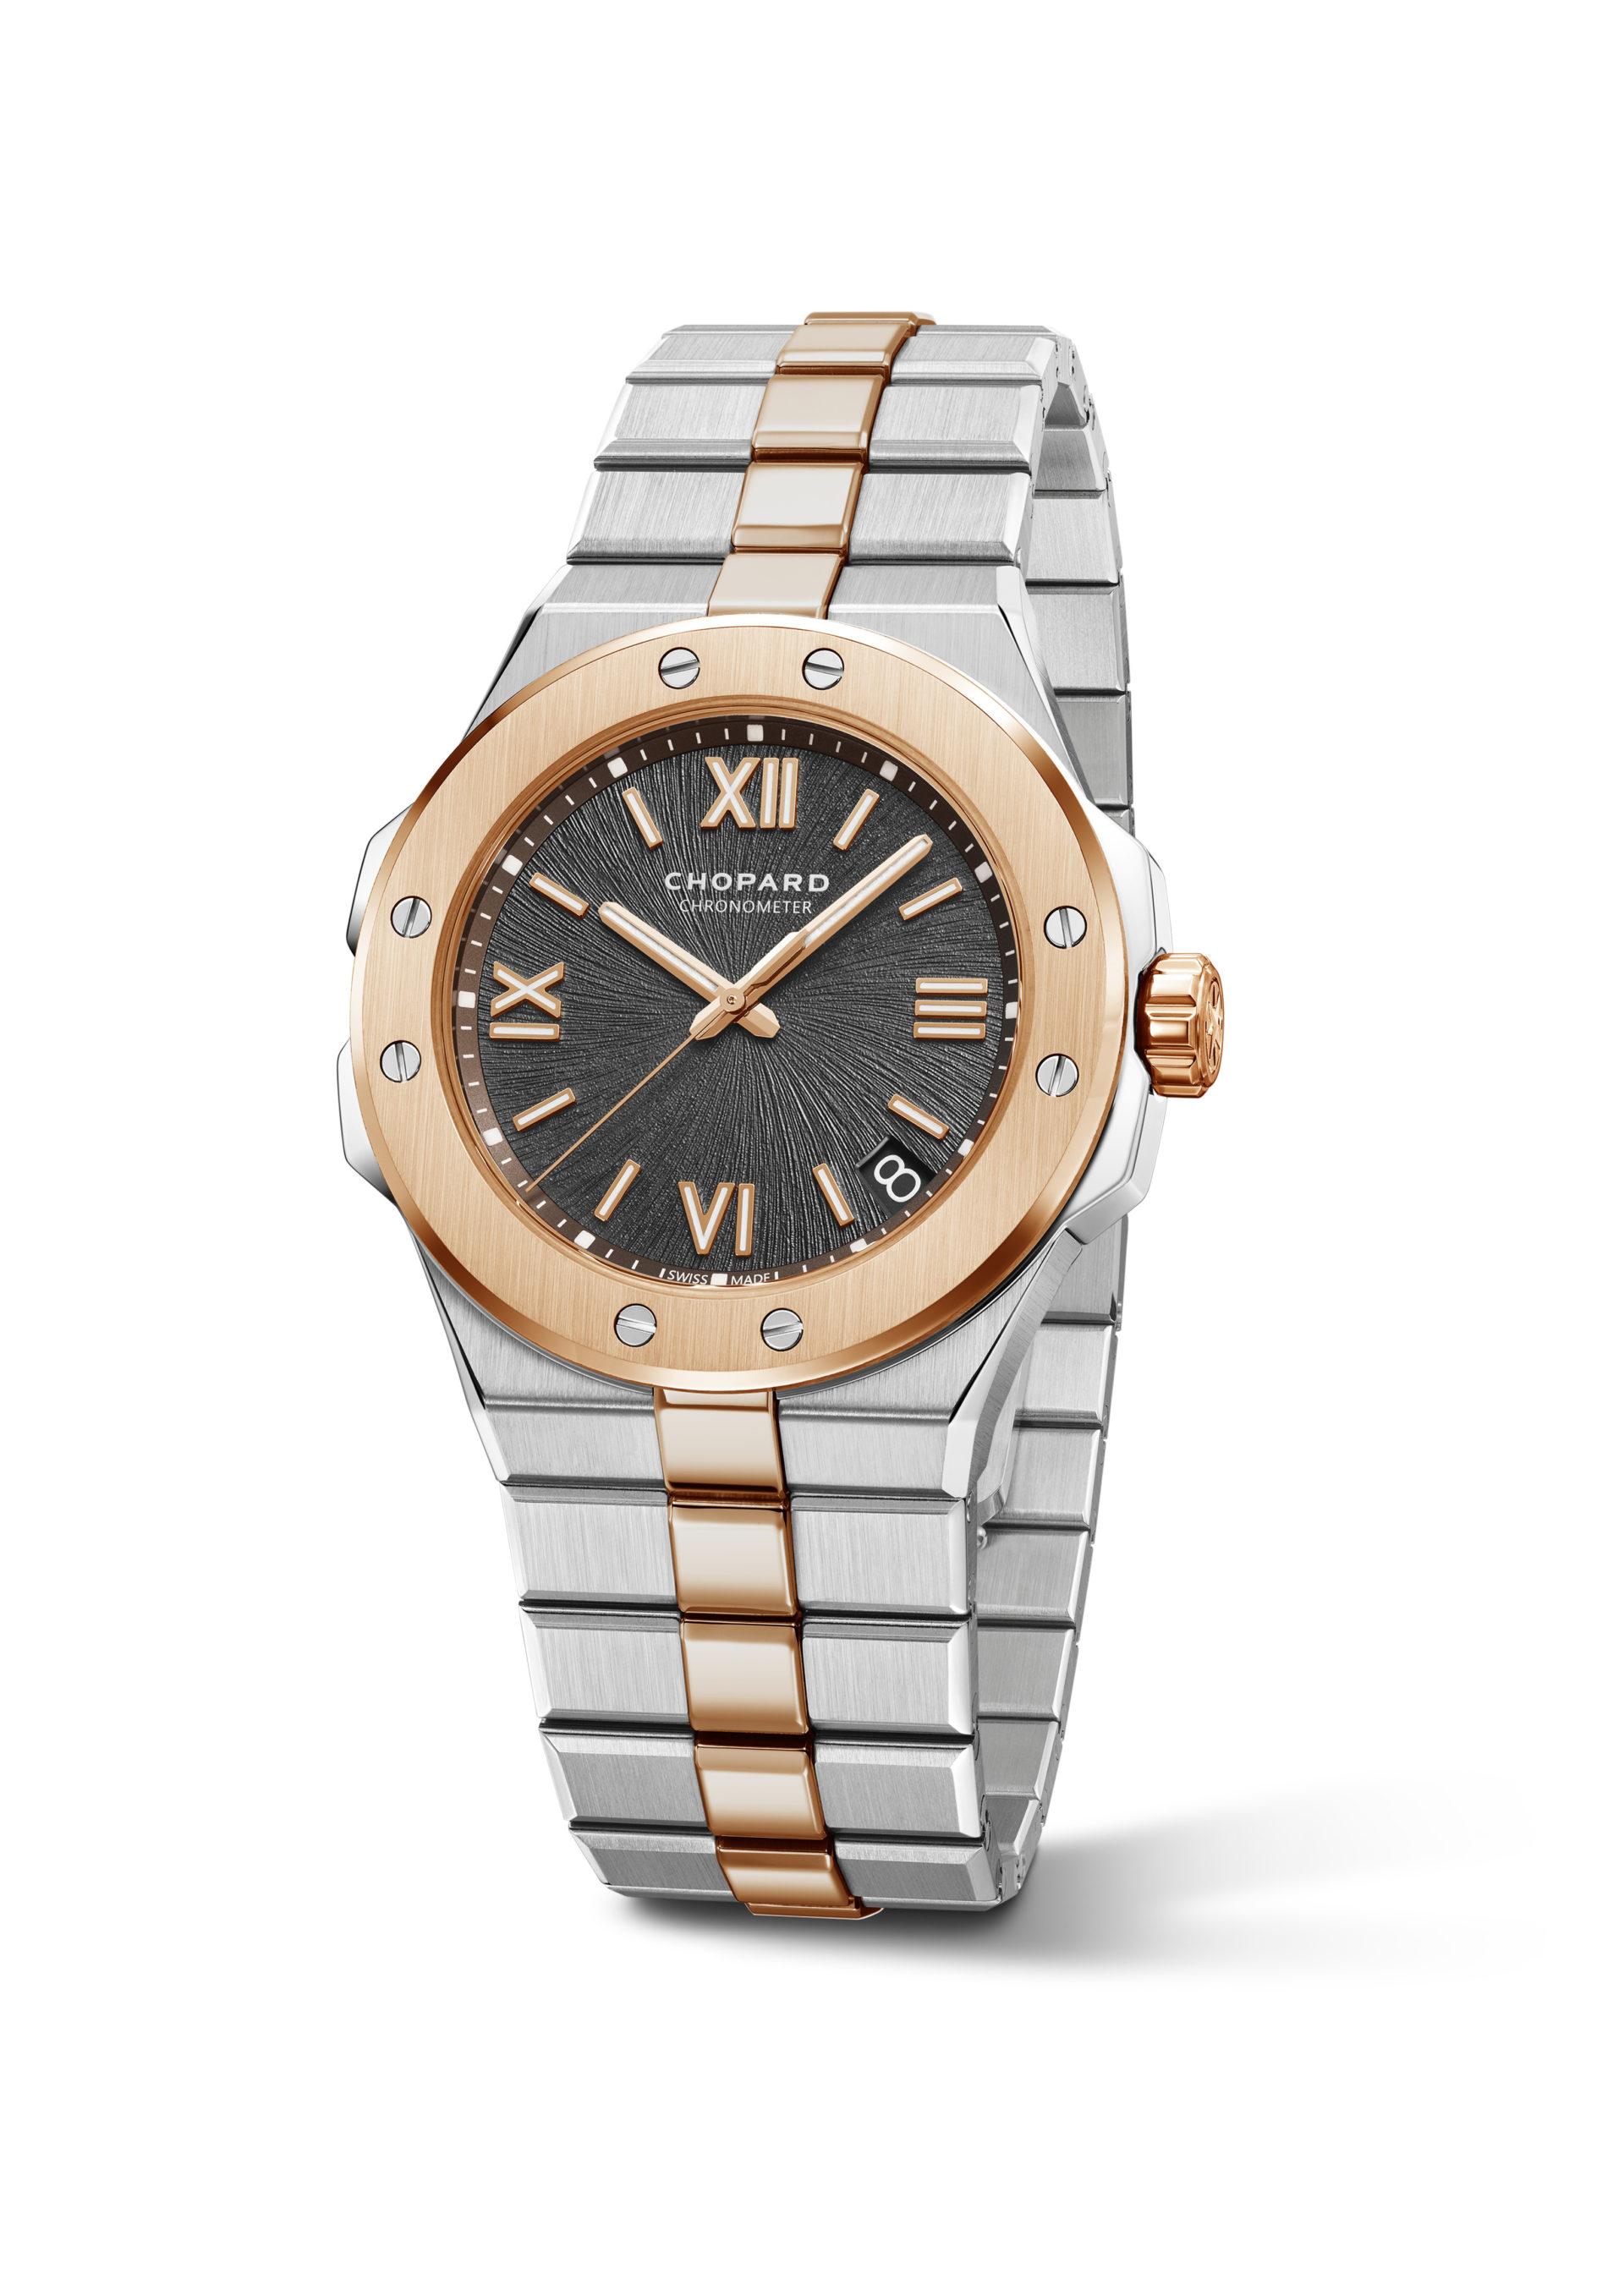 Für Freunde von Bi-Metall Uhren gibt es die Alpine Eagle auch in Stahl und Gold